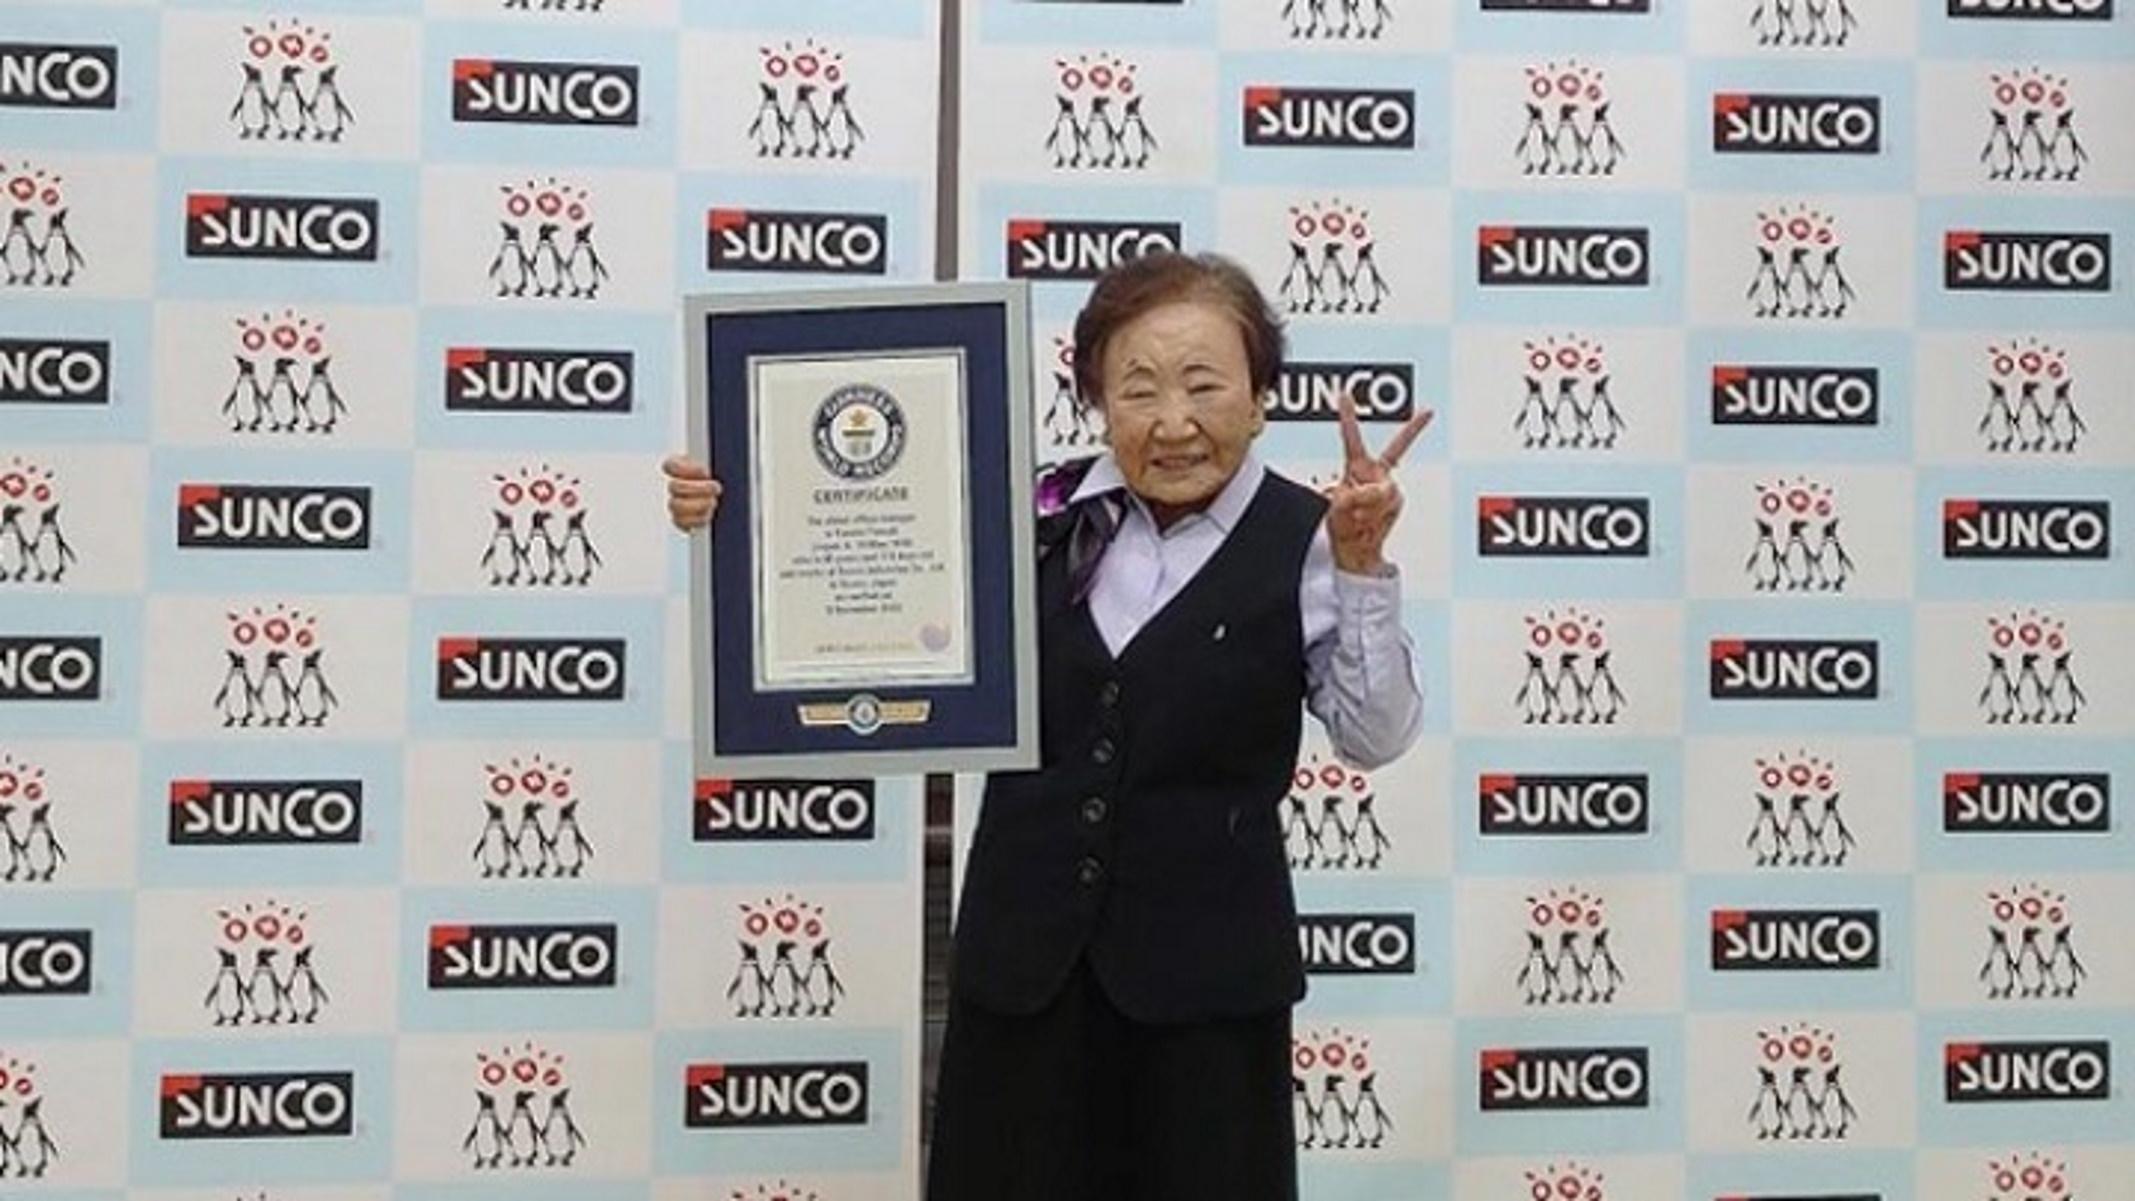 Ιαπωνία: Διευθύντρια ετών 90 μπαίνει στο βιβλίο των ρεκόρ Γκίνες